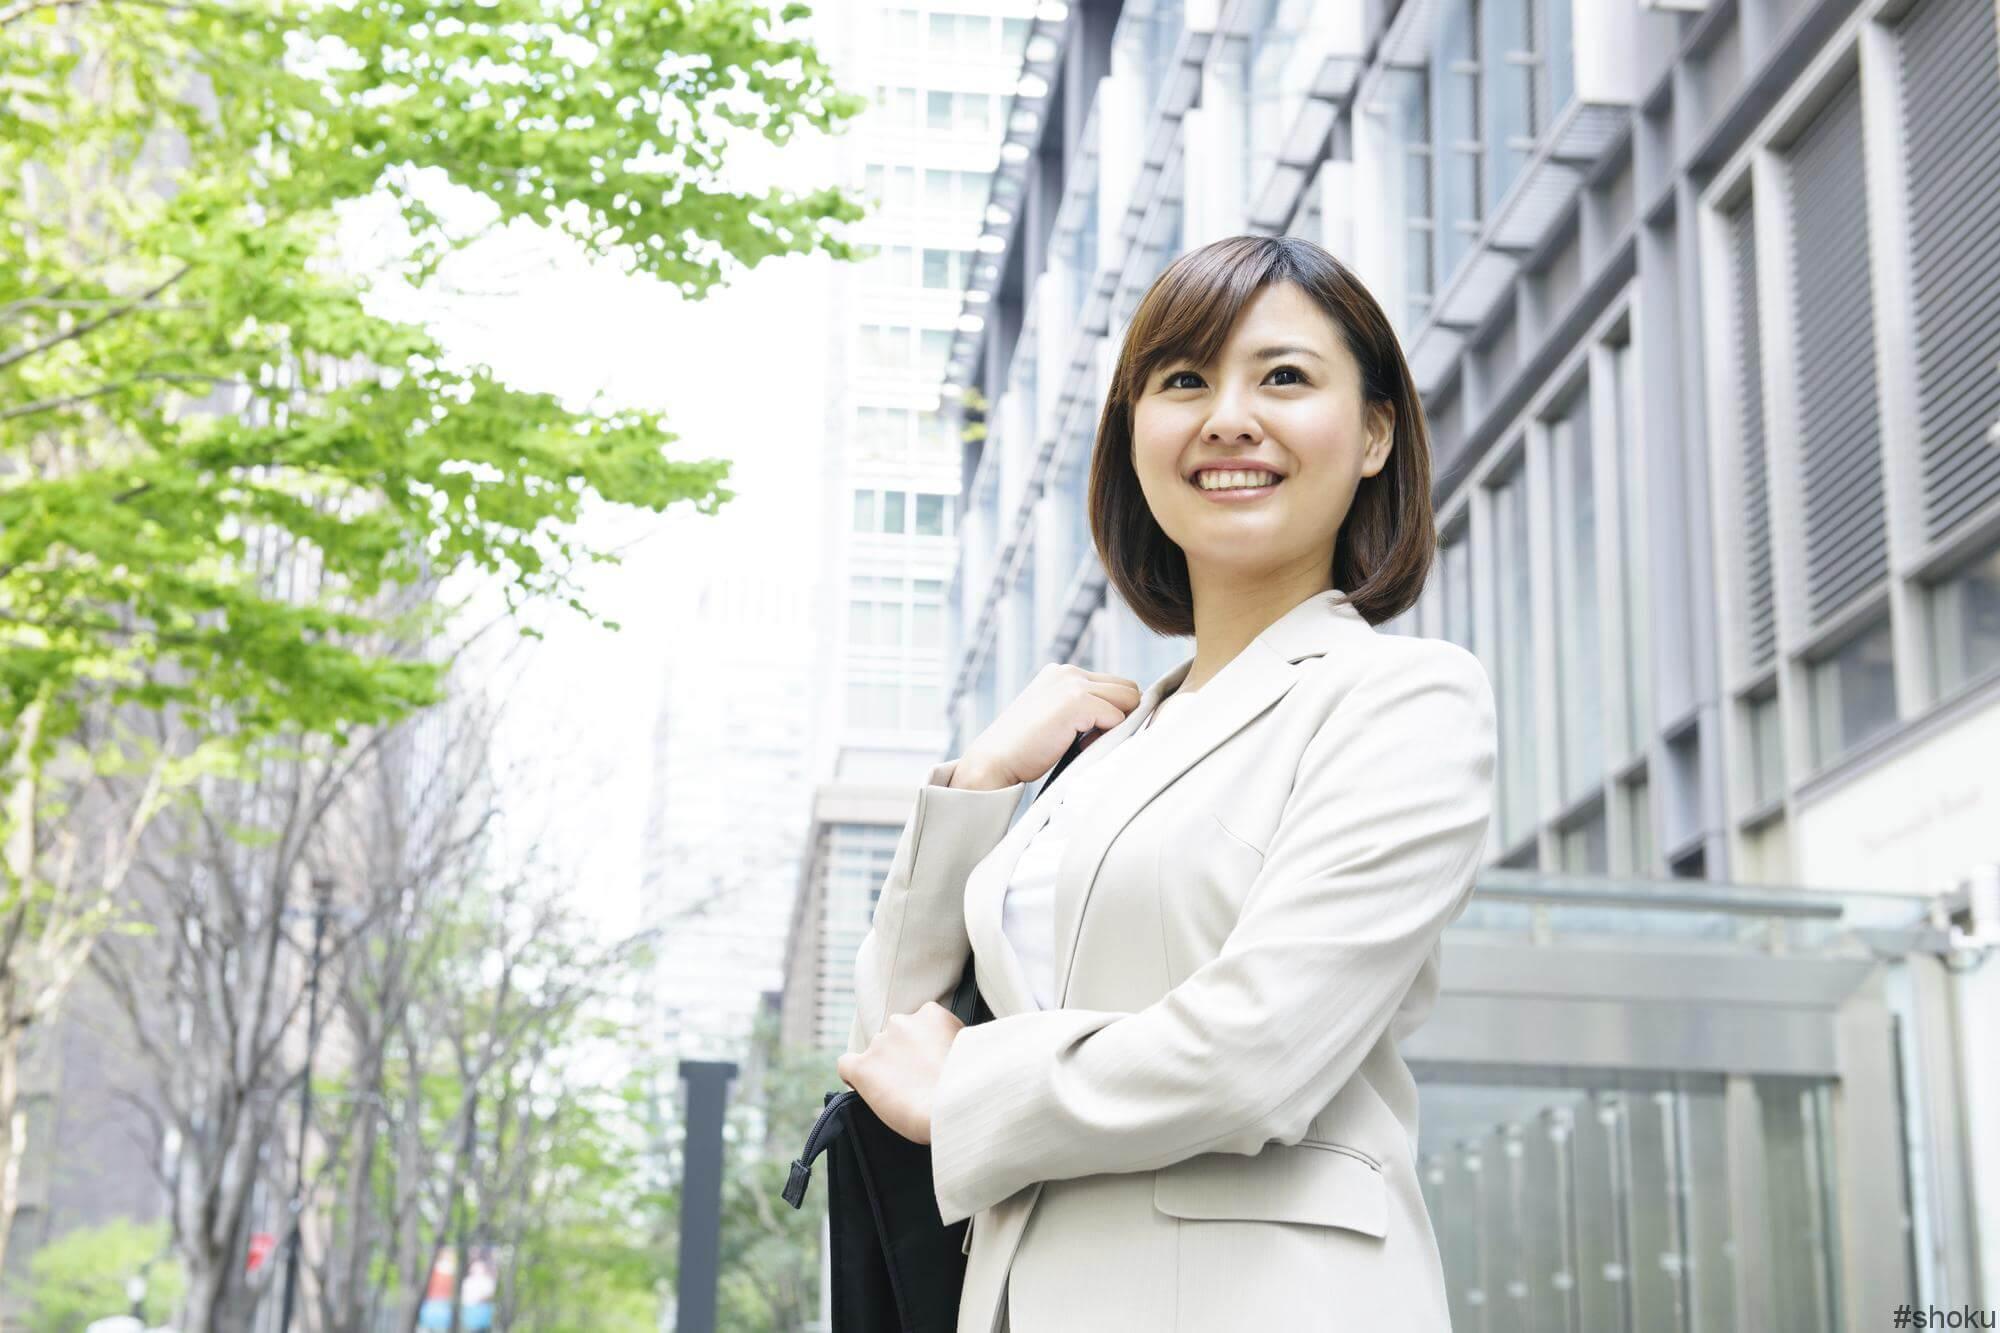 希望の営業職に合わせた転職エージェントを使って転職成功させよう!と意気込む女性